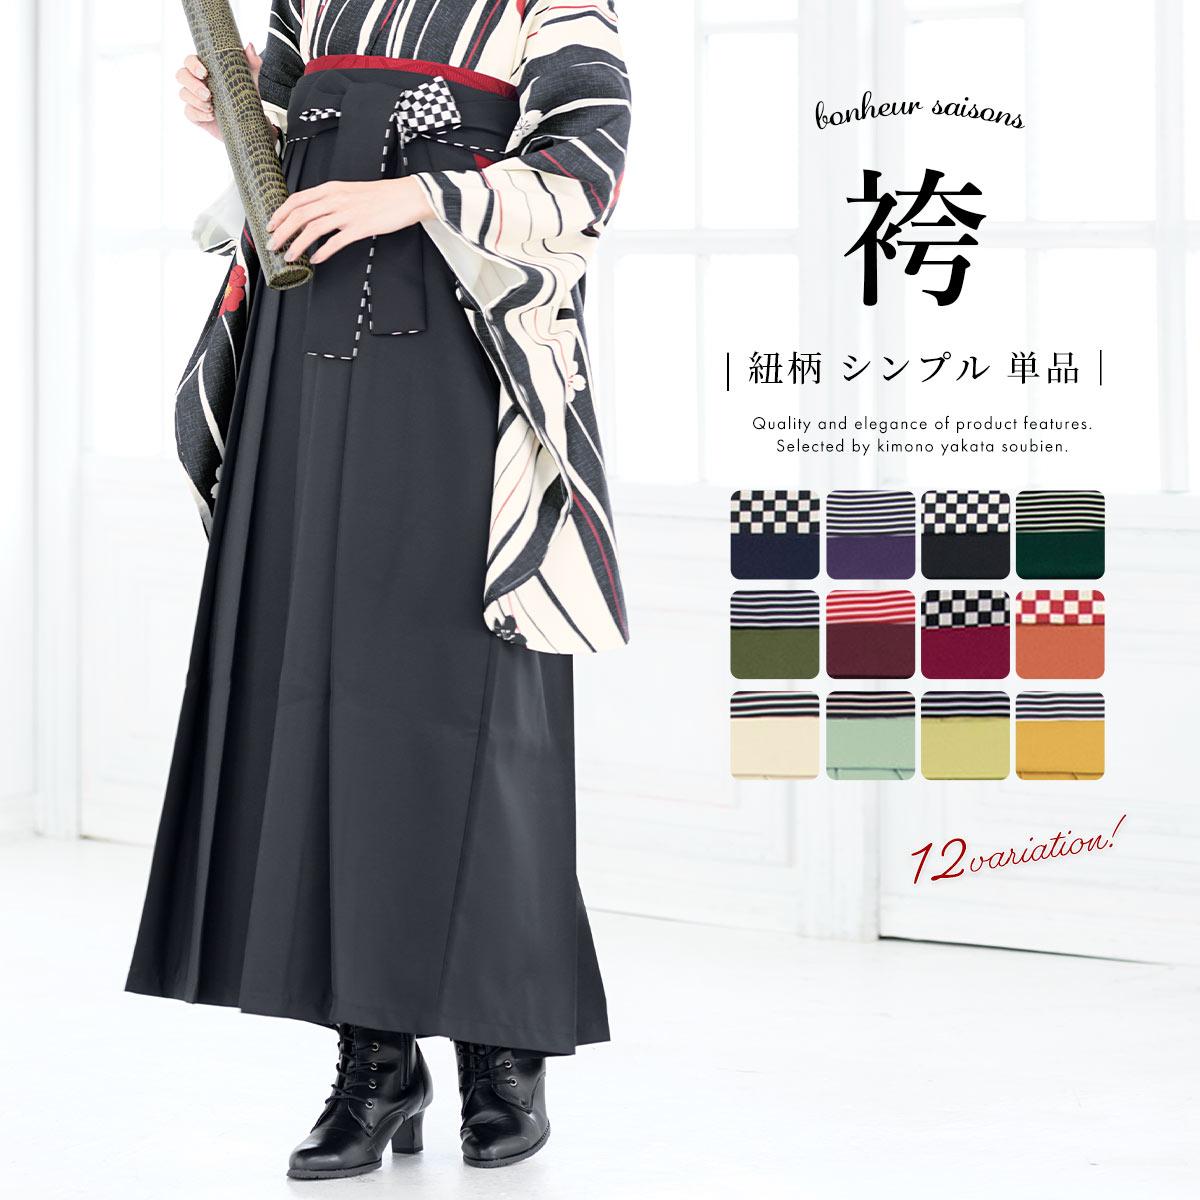 卒業式・謝恩会の着物にオススメなレディース袴